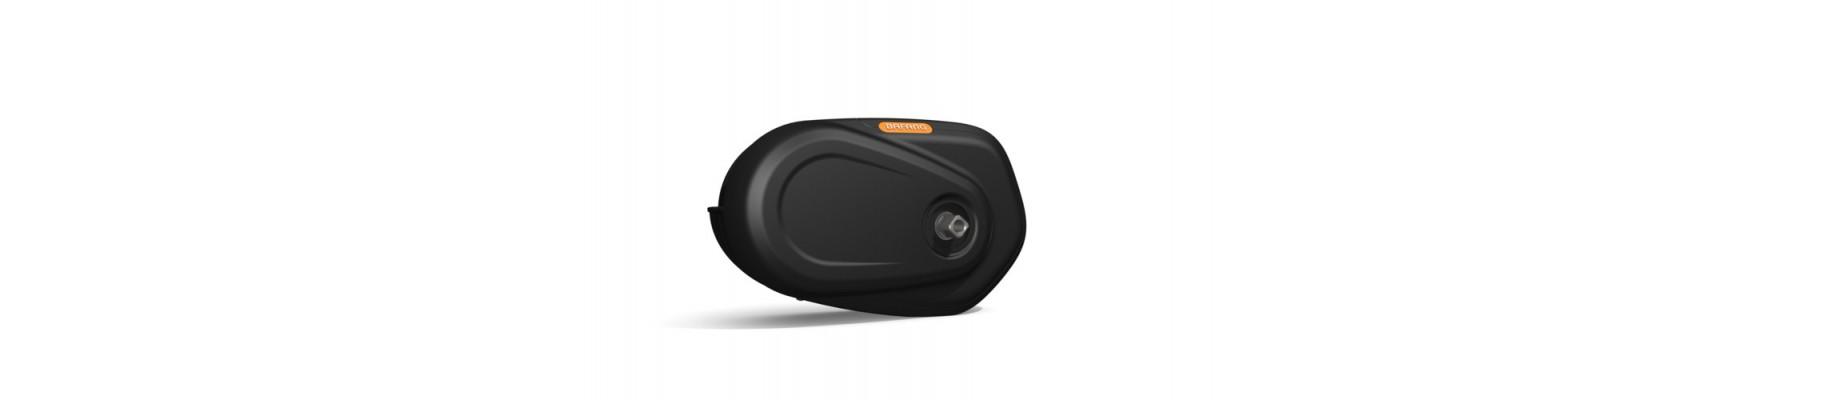 Max Drive G330 (M400)